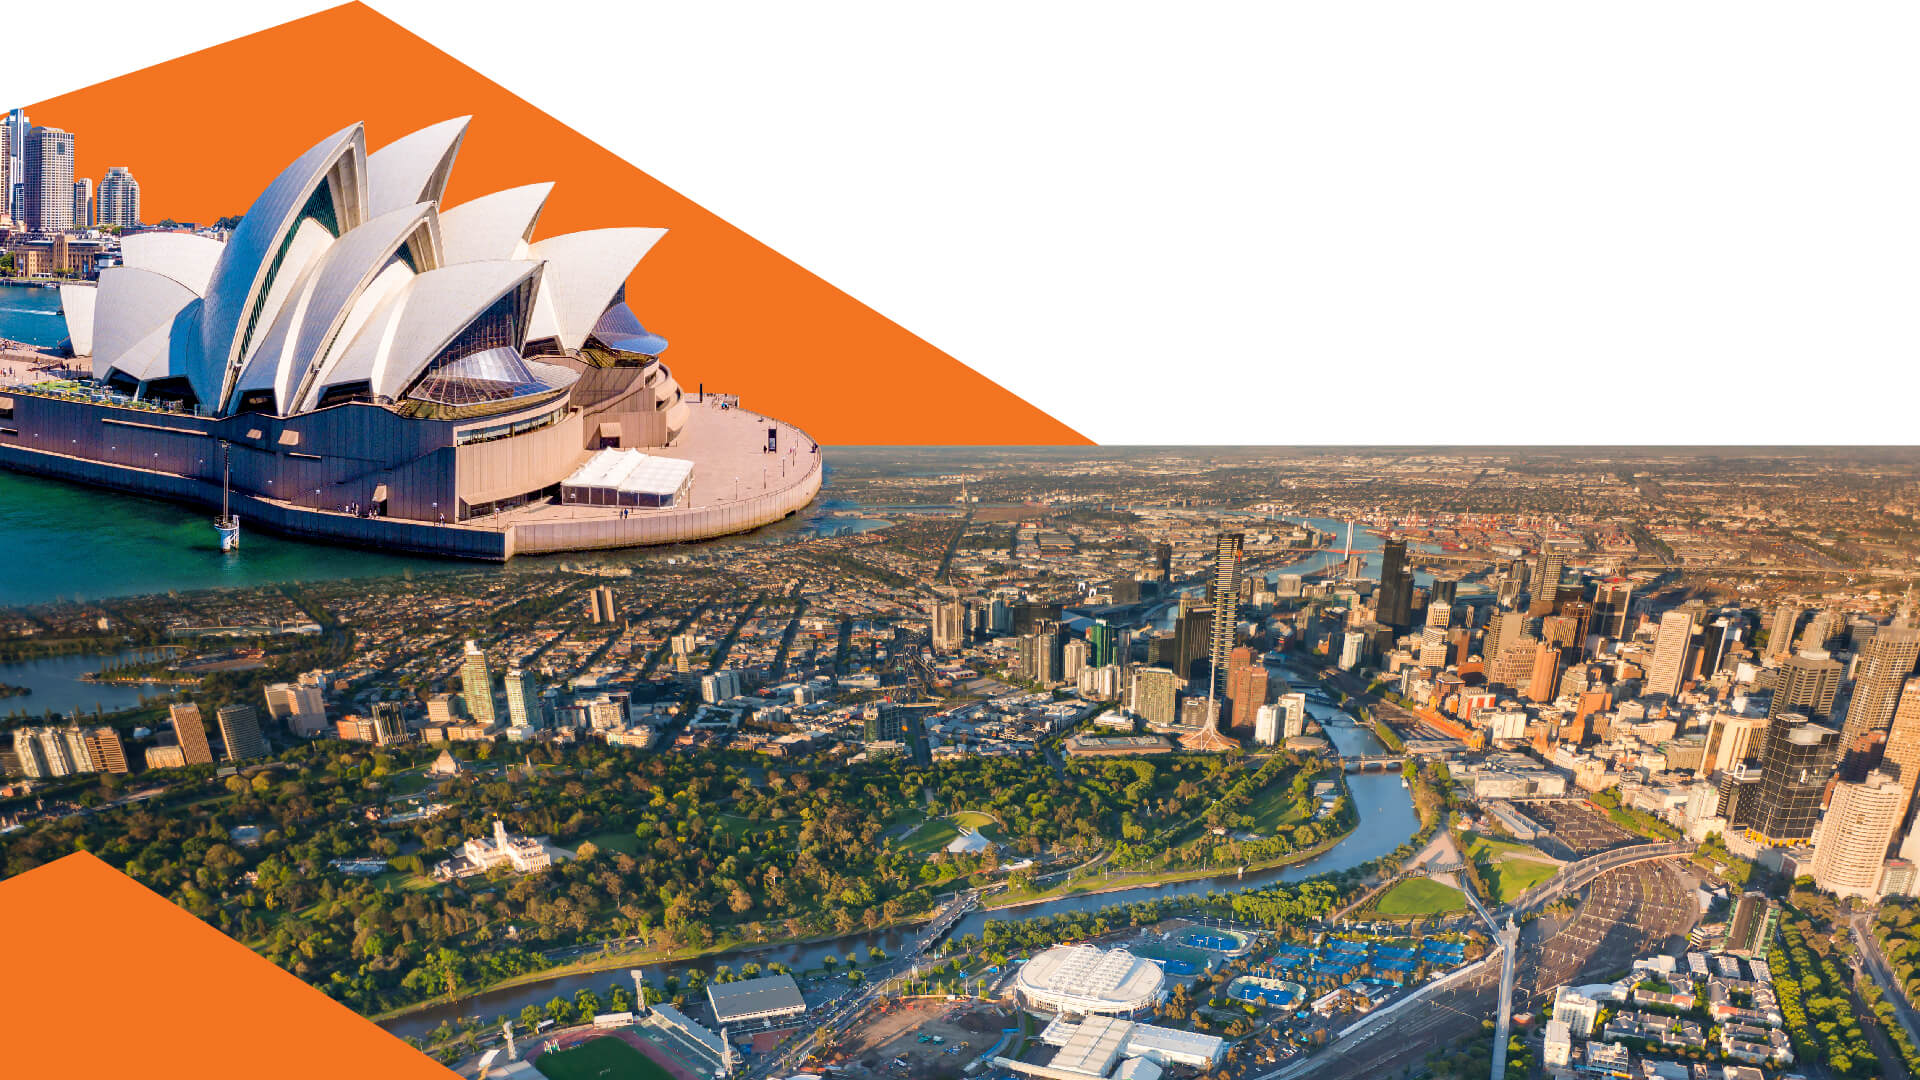 Đầu tư bất động sản Úc, giá giảm 15-20% trong mùa Covid